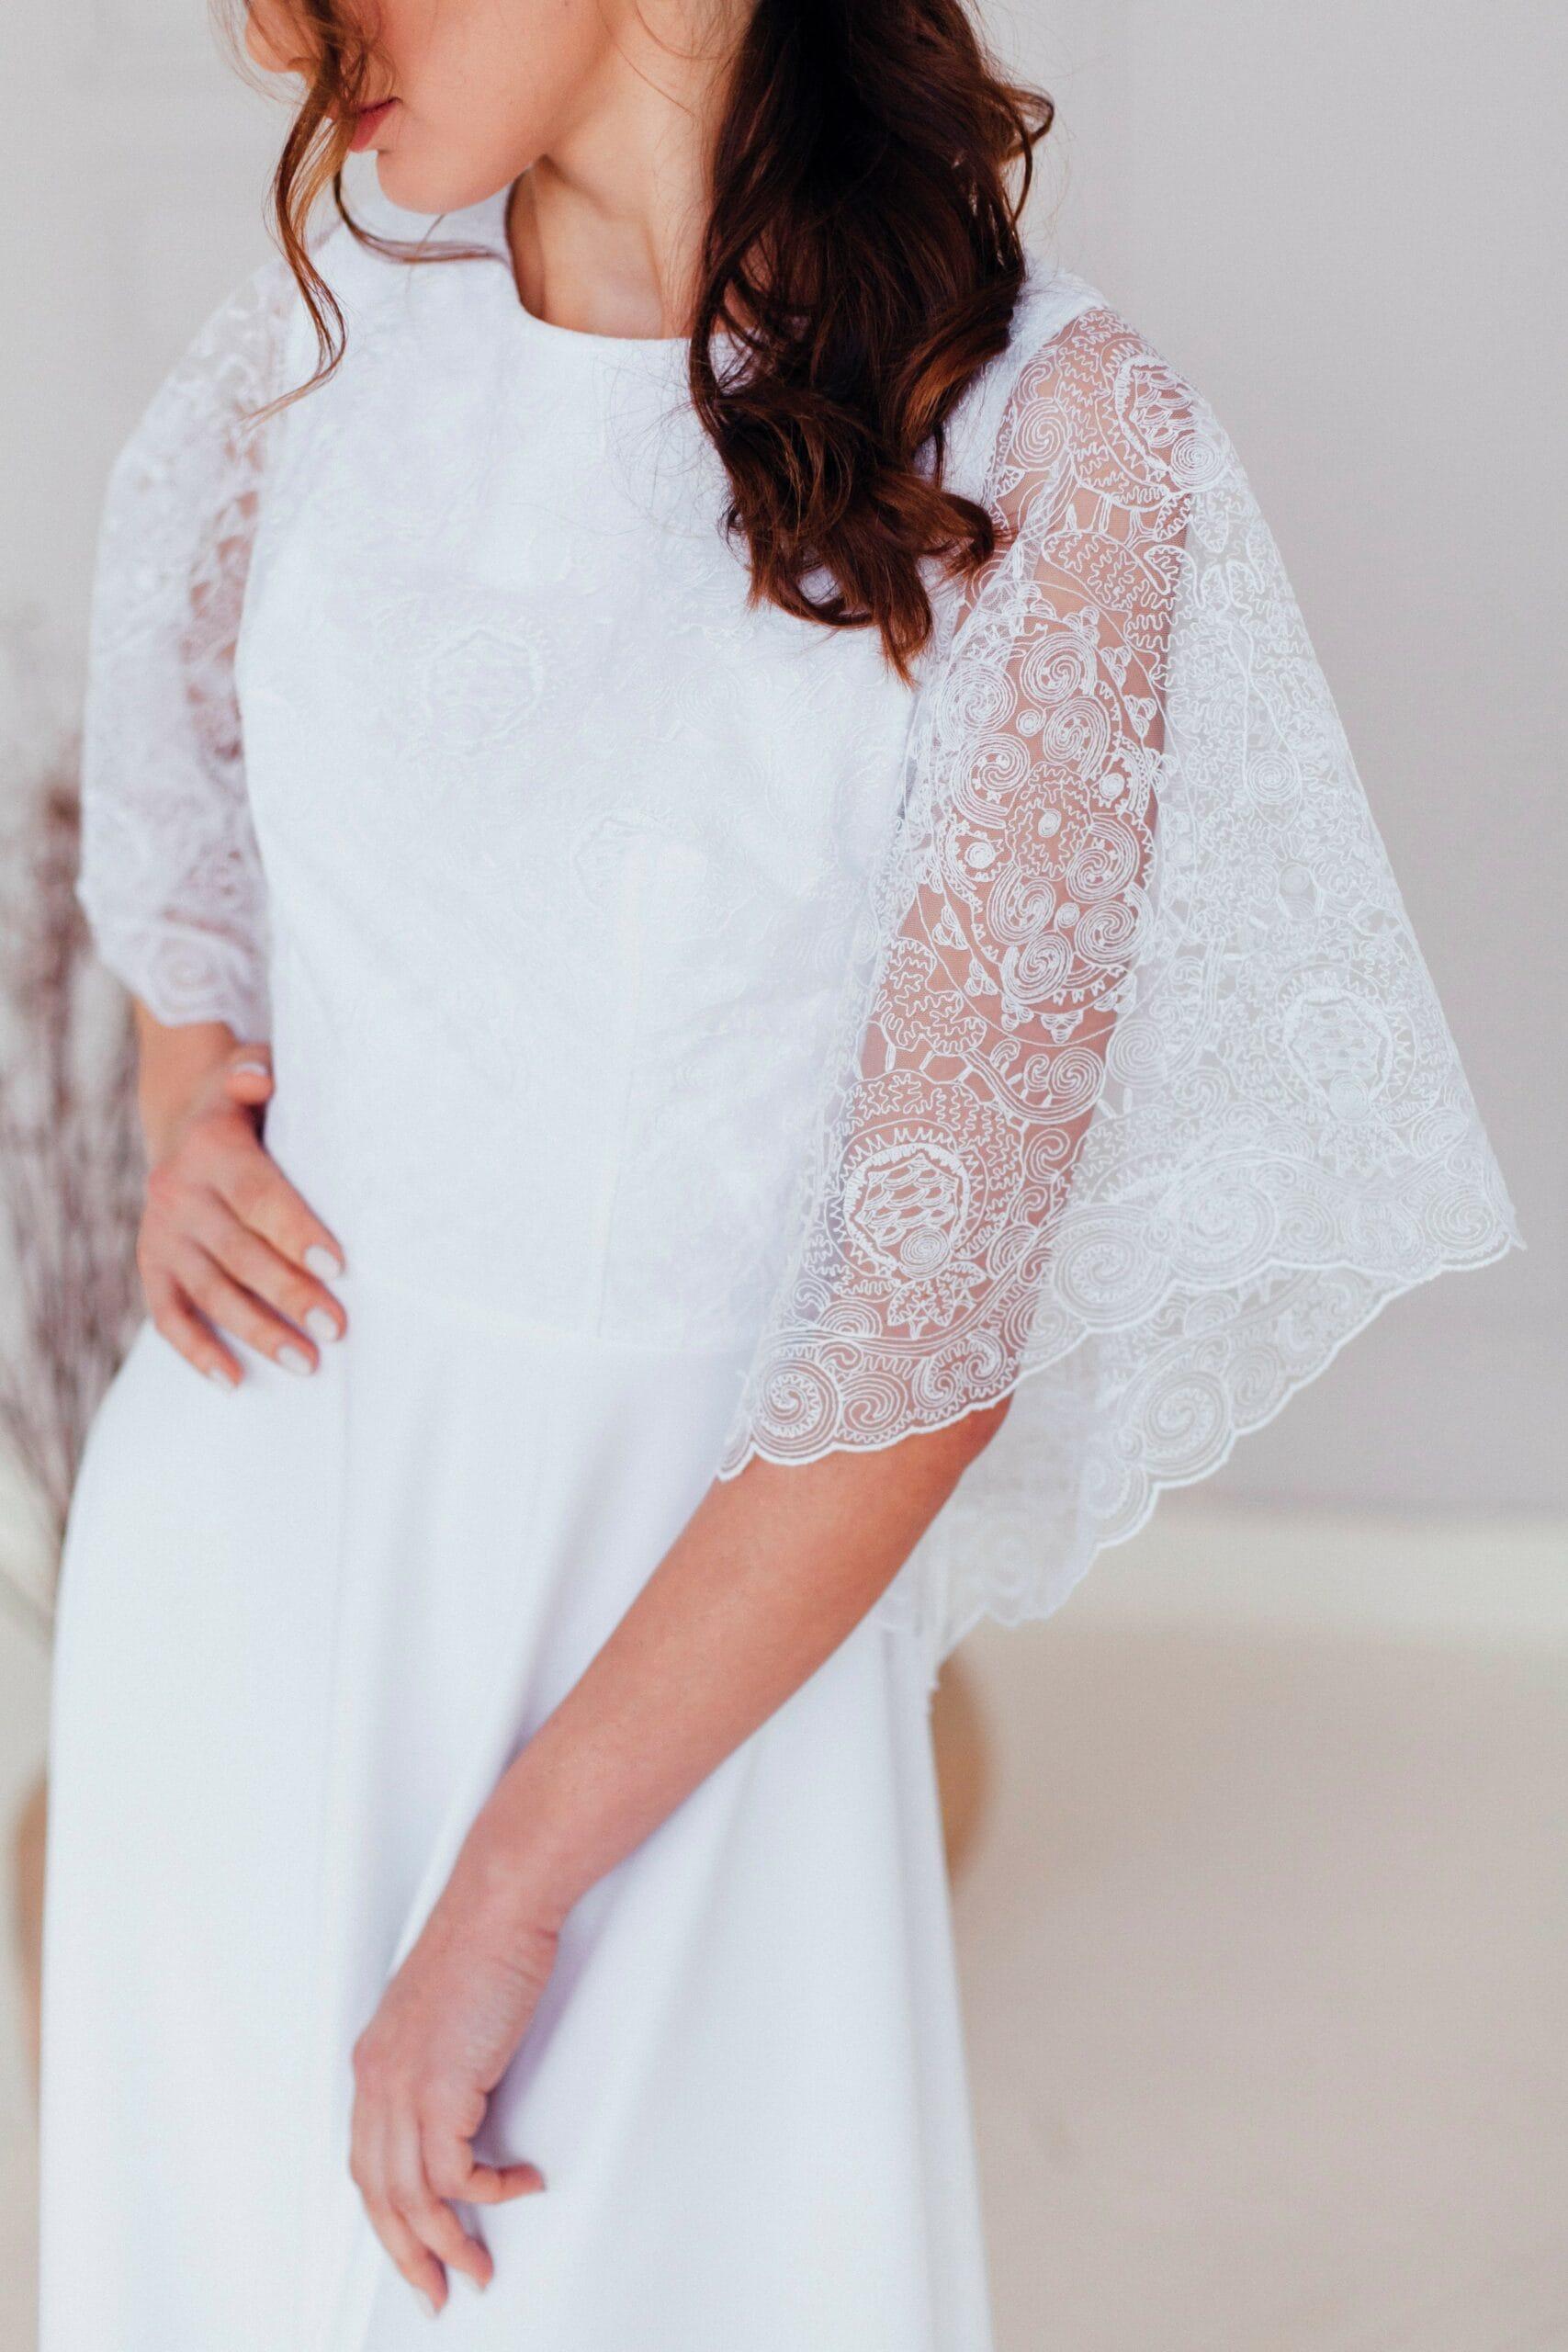 Свадебное платье KIMI, коллекция REFINED ELEGANCE, бренд OKA NOMO, фото 2